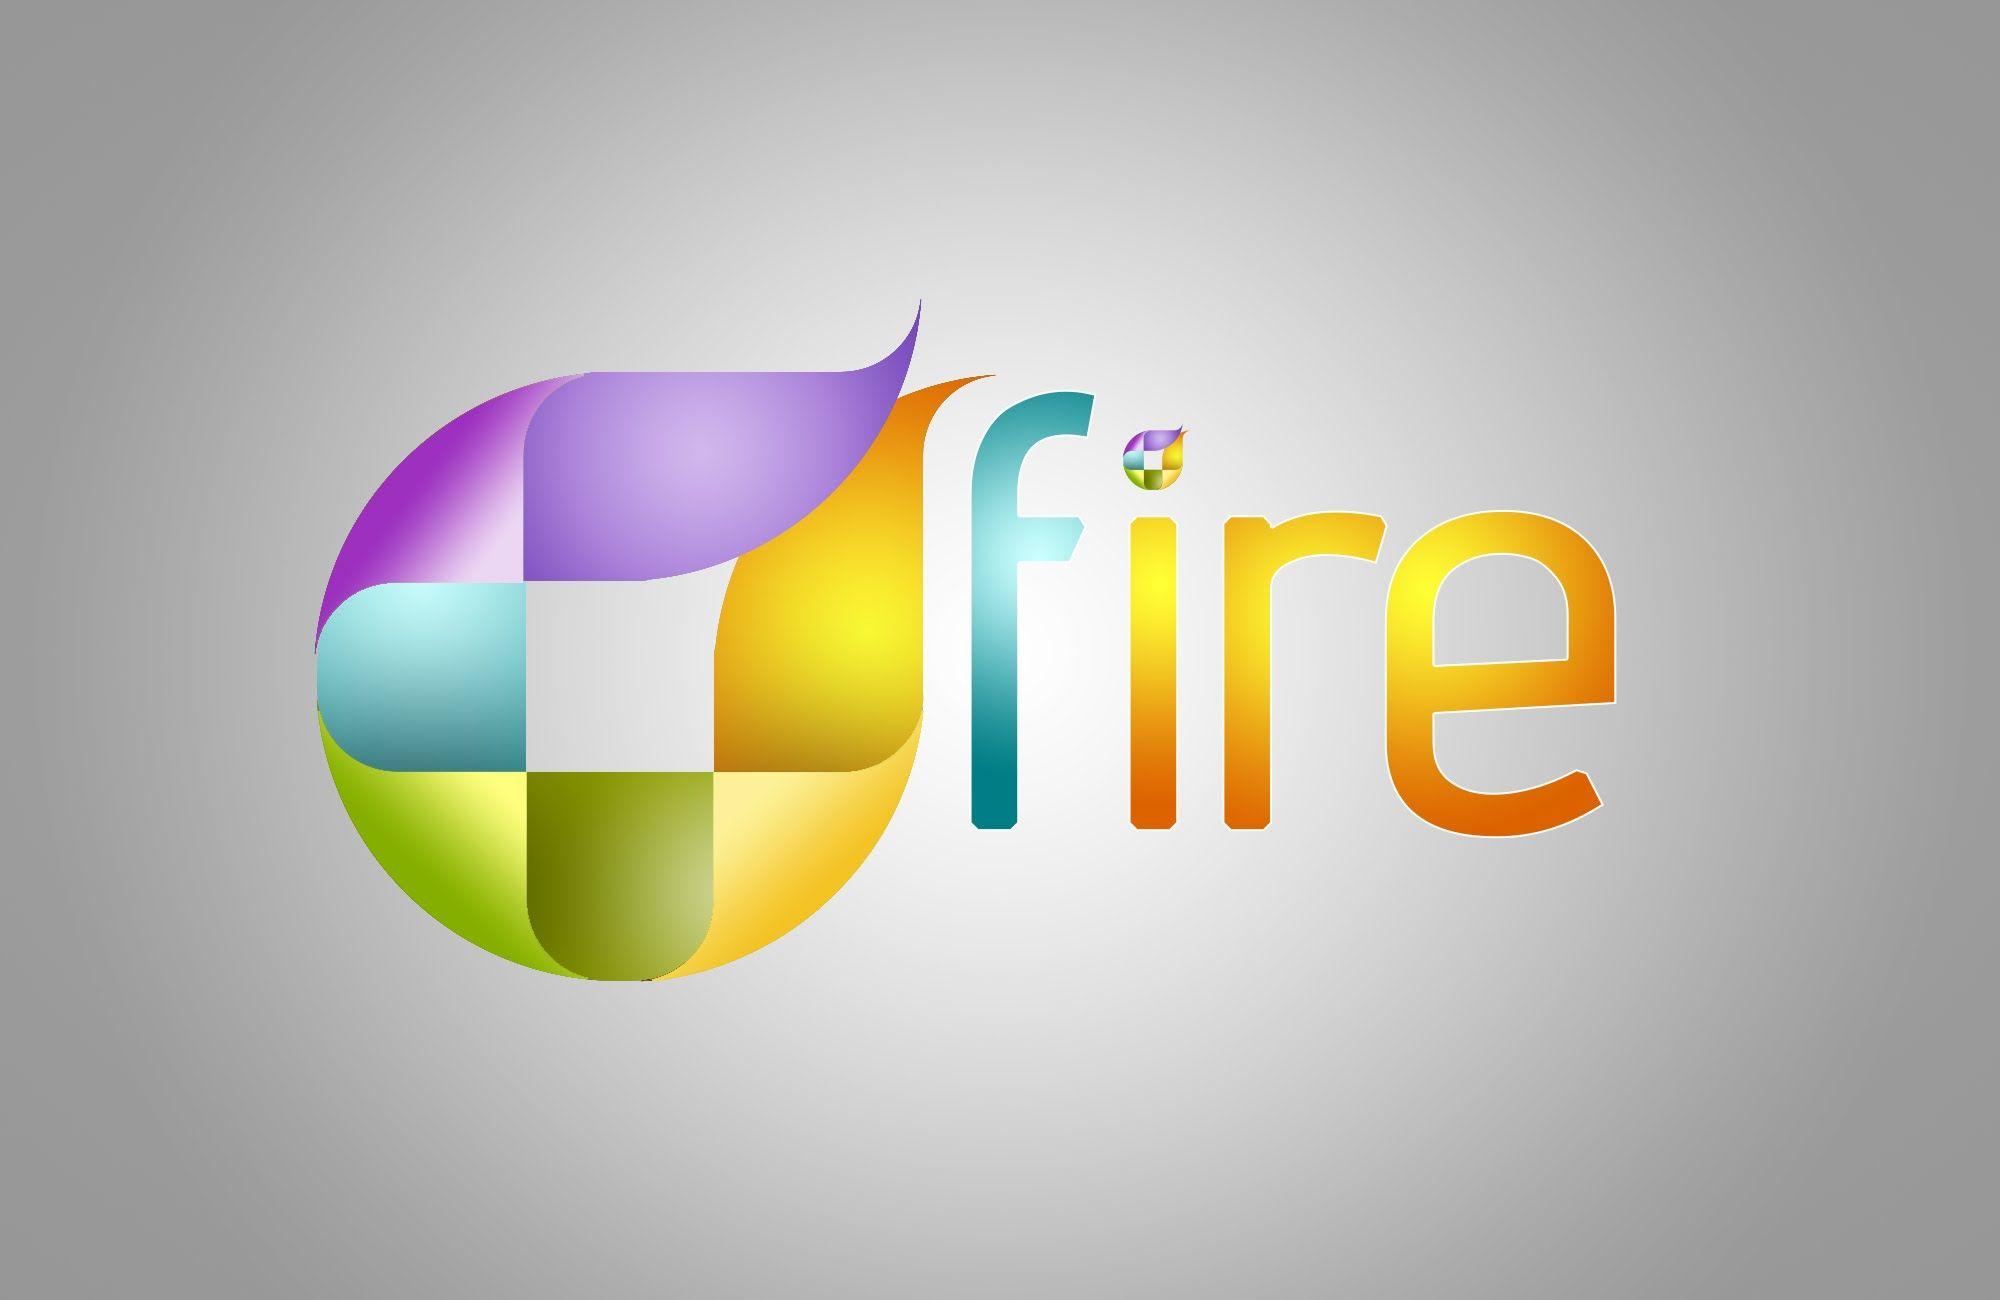 Colorful 3D Logo Design | Photoshop CC Tutorial | Photoshop ...